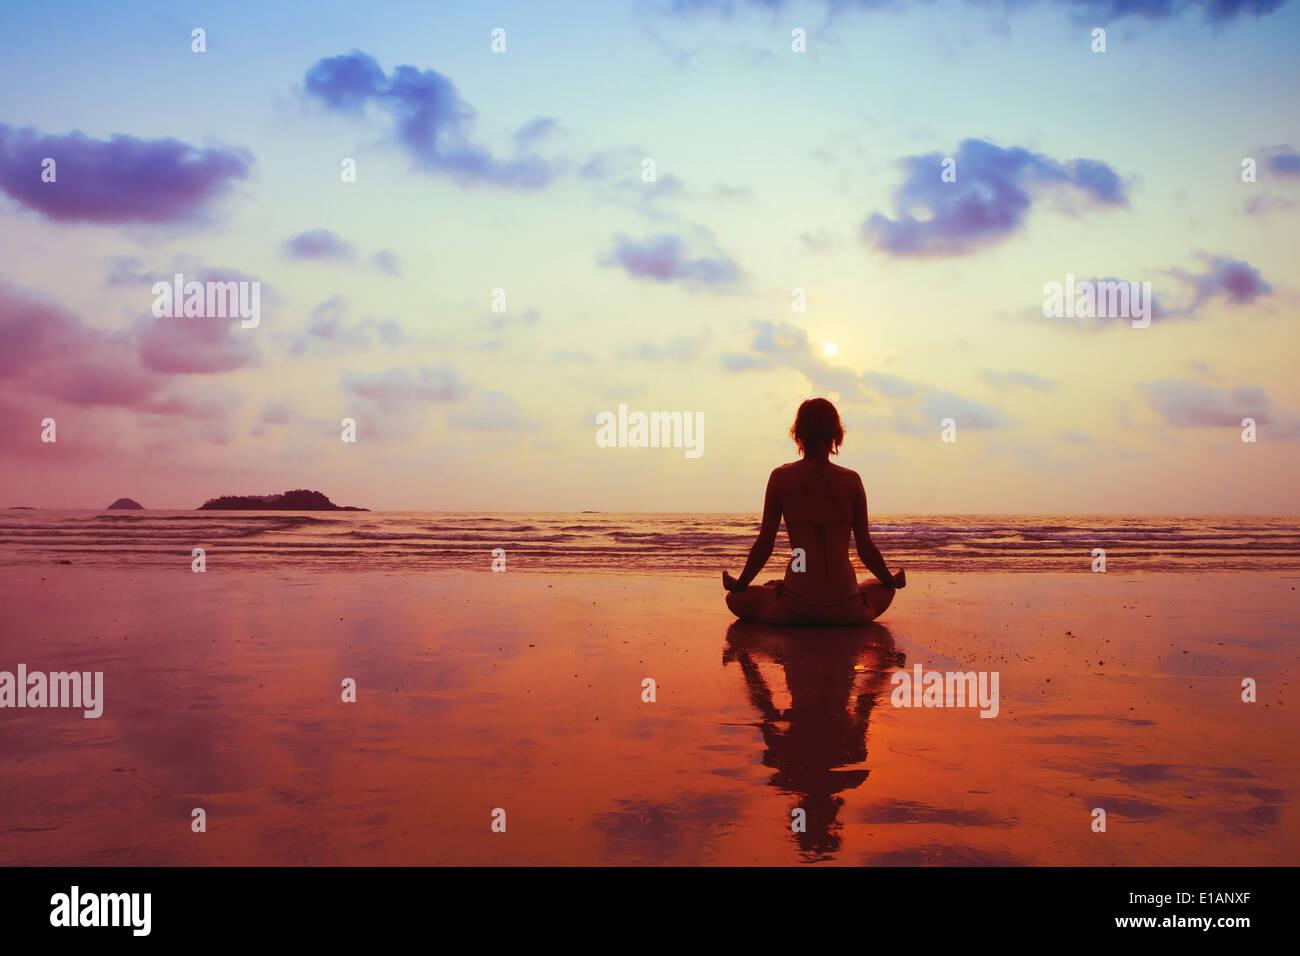 Uno stile di vita sano Concetto, Corpo, la mente e lo spirito Immagini Stock